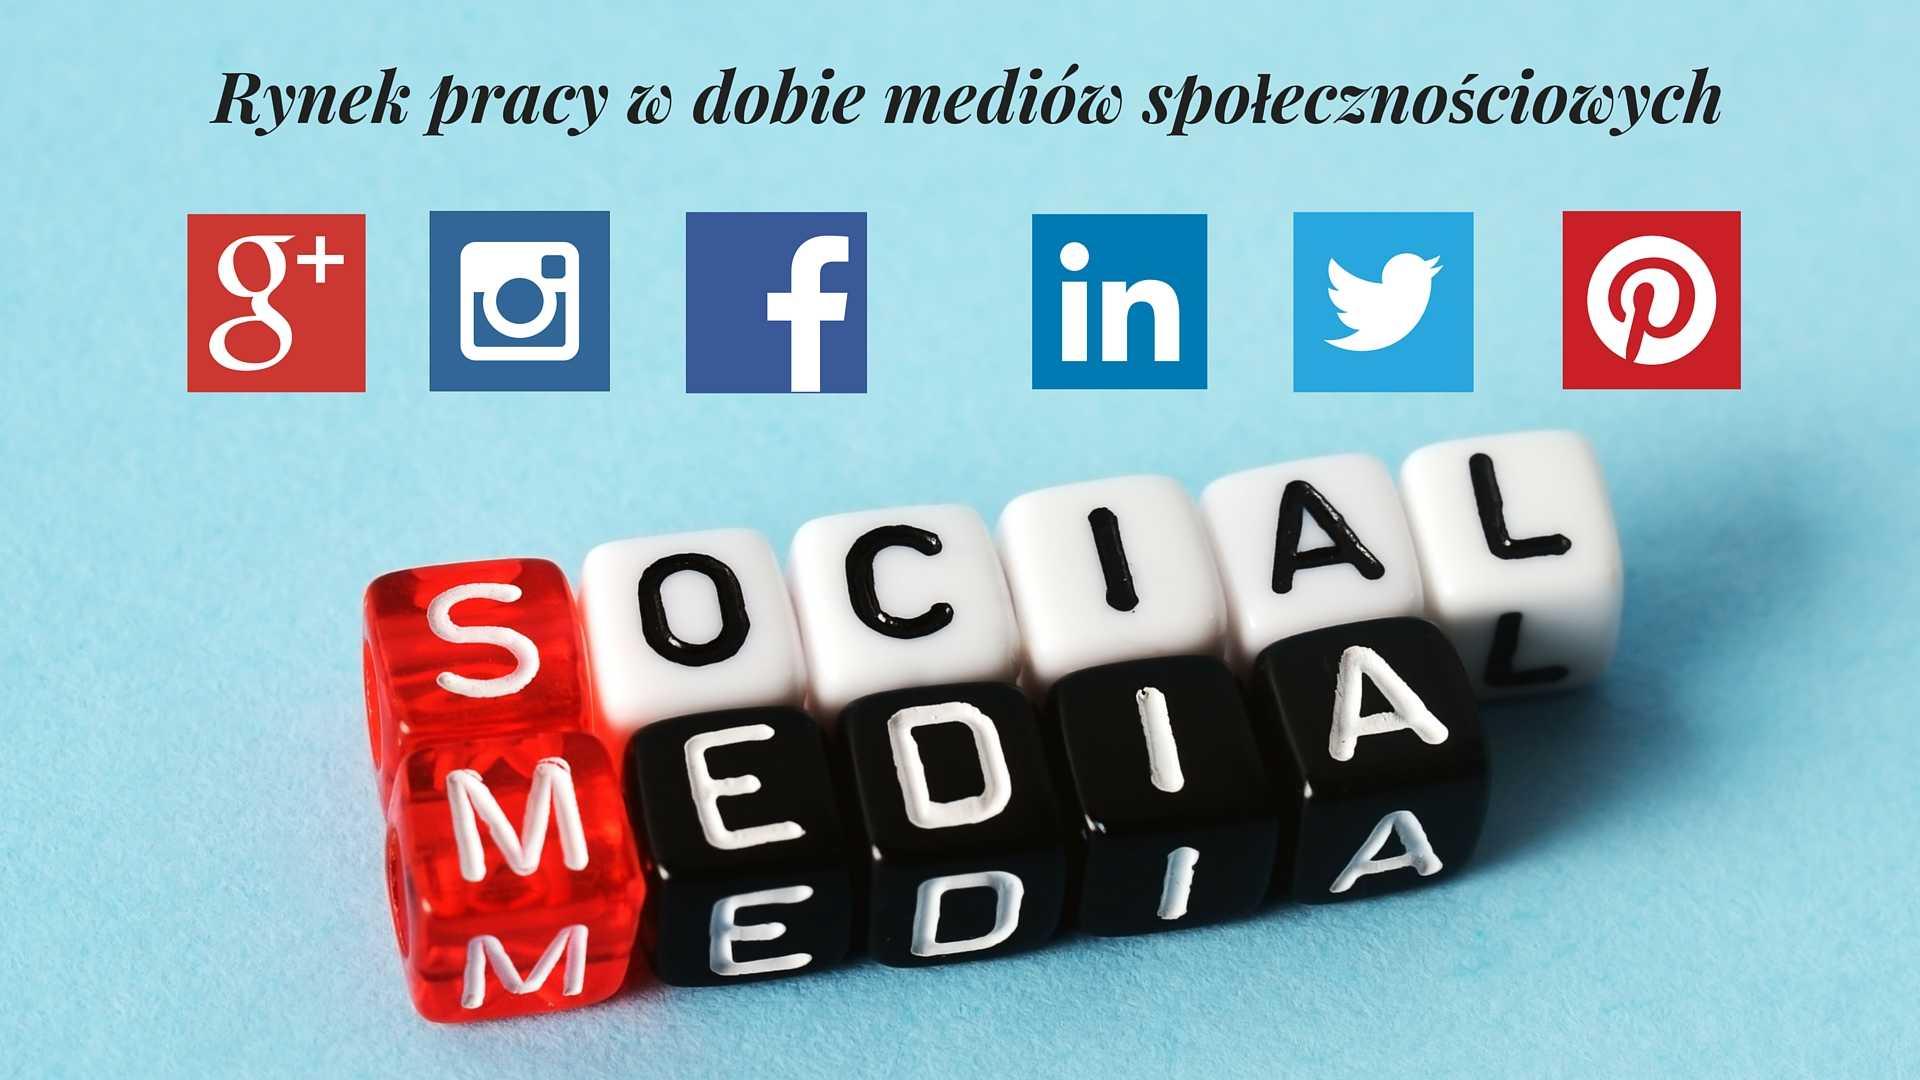 Jak media społecznościowe zmieniły rynek pracy